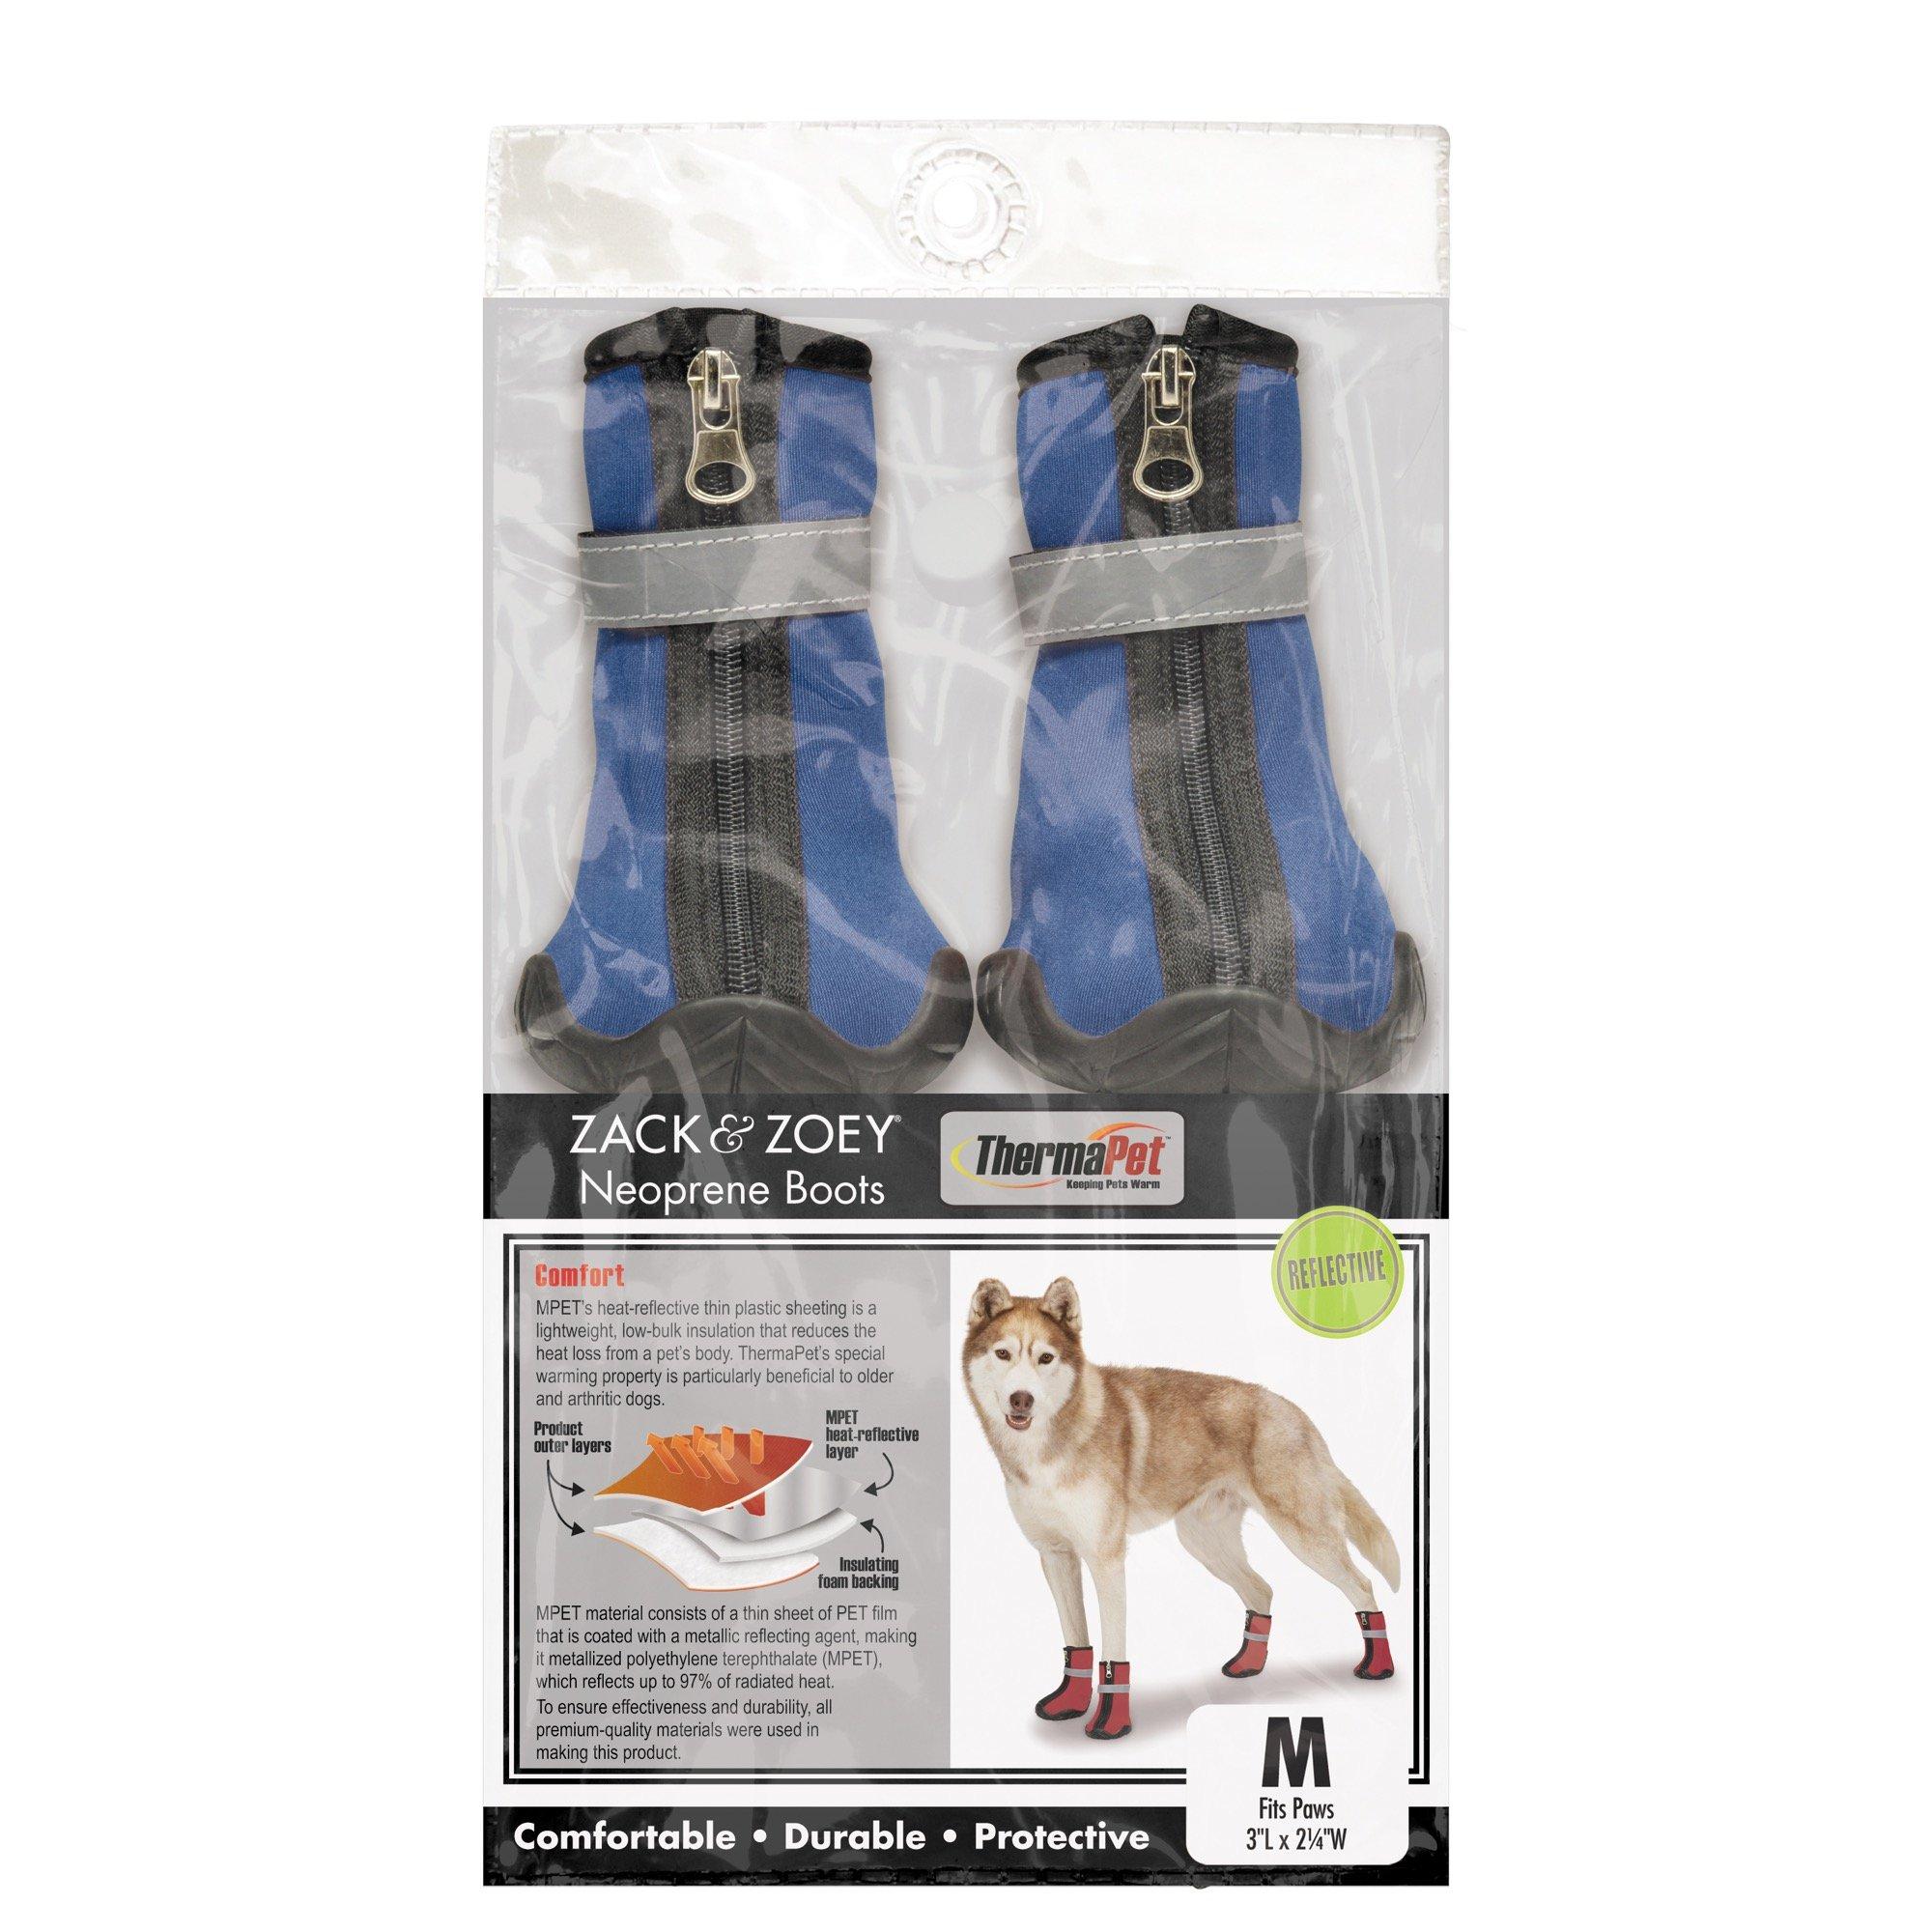 Zack & Zoey ThermaPet Neoprene Boots, Blue, X-Large by Zack & Zoey